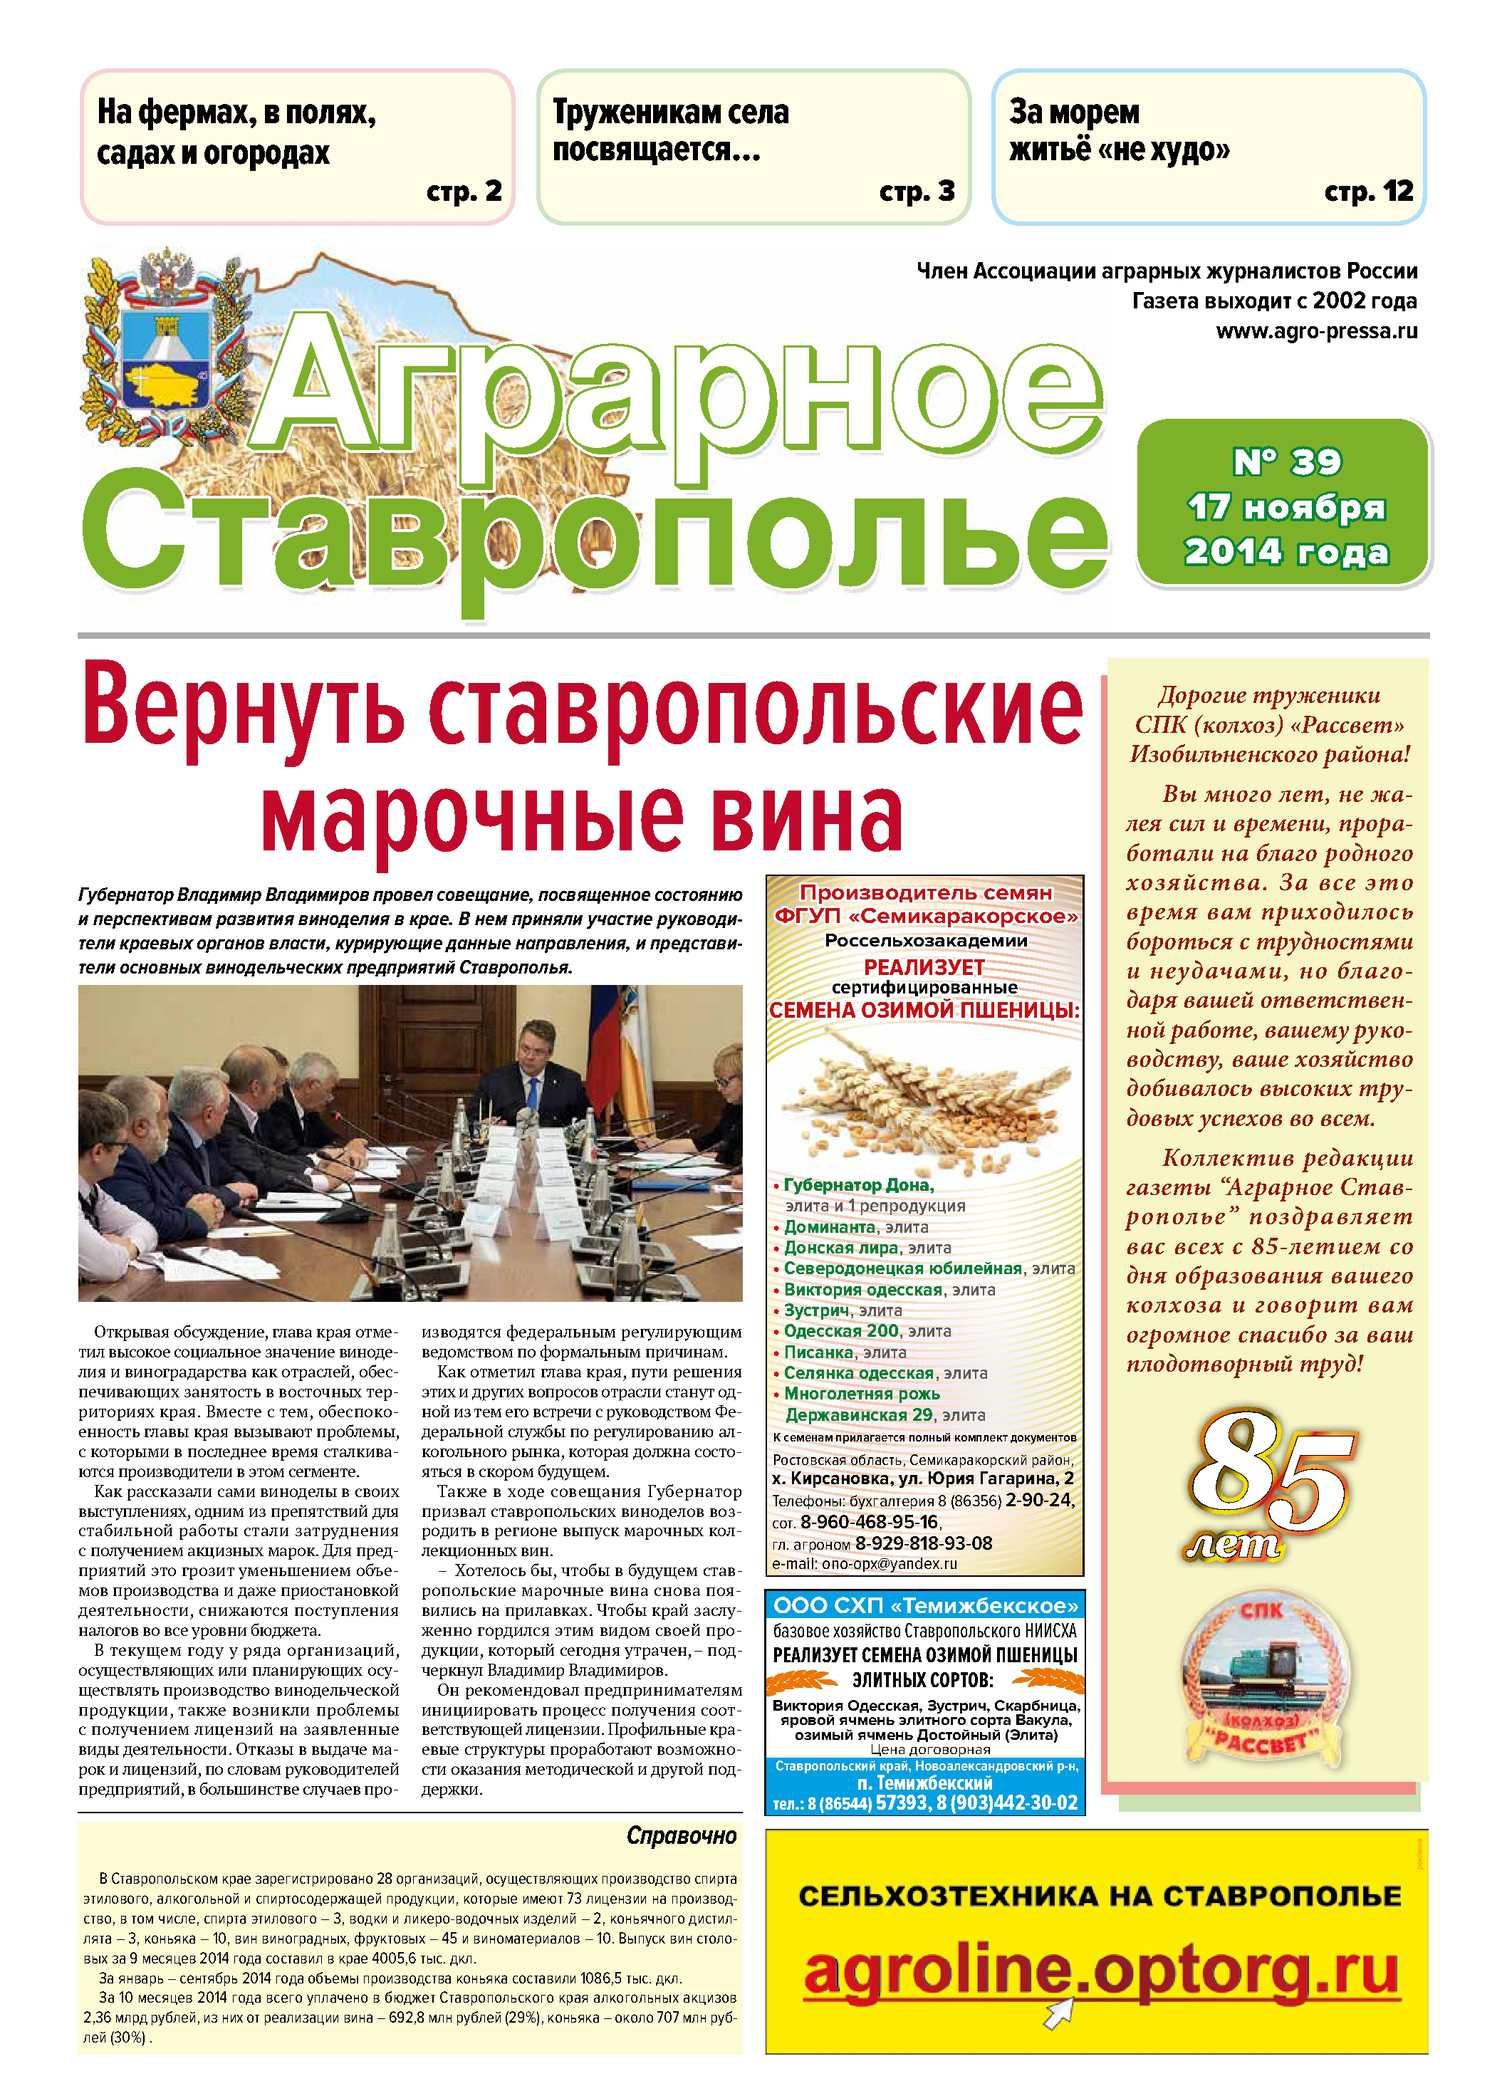 Помогу взять кредит в ставропольском крае получить кредит с просроченным кредитом